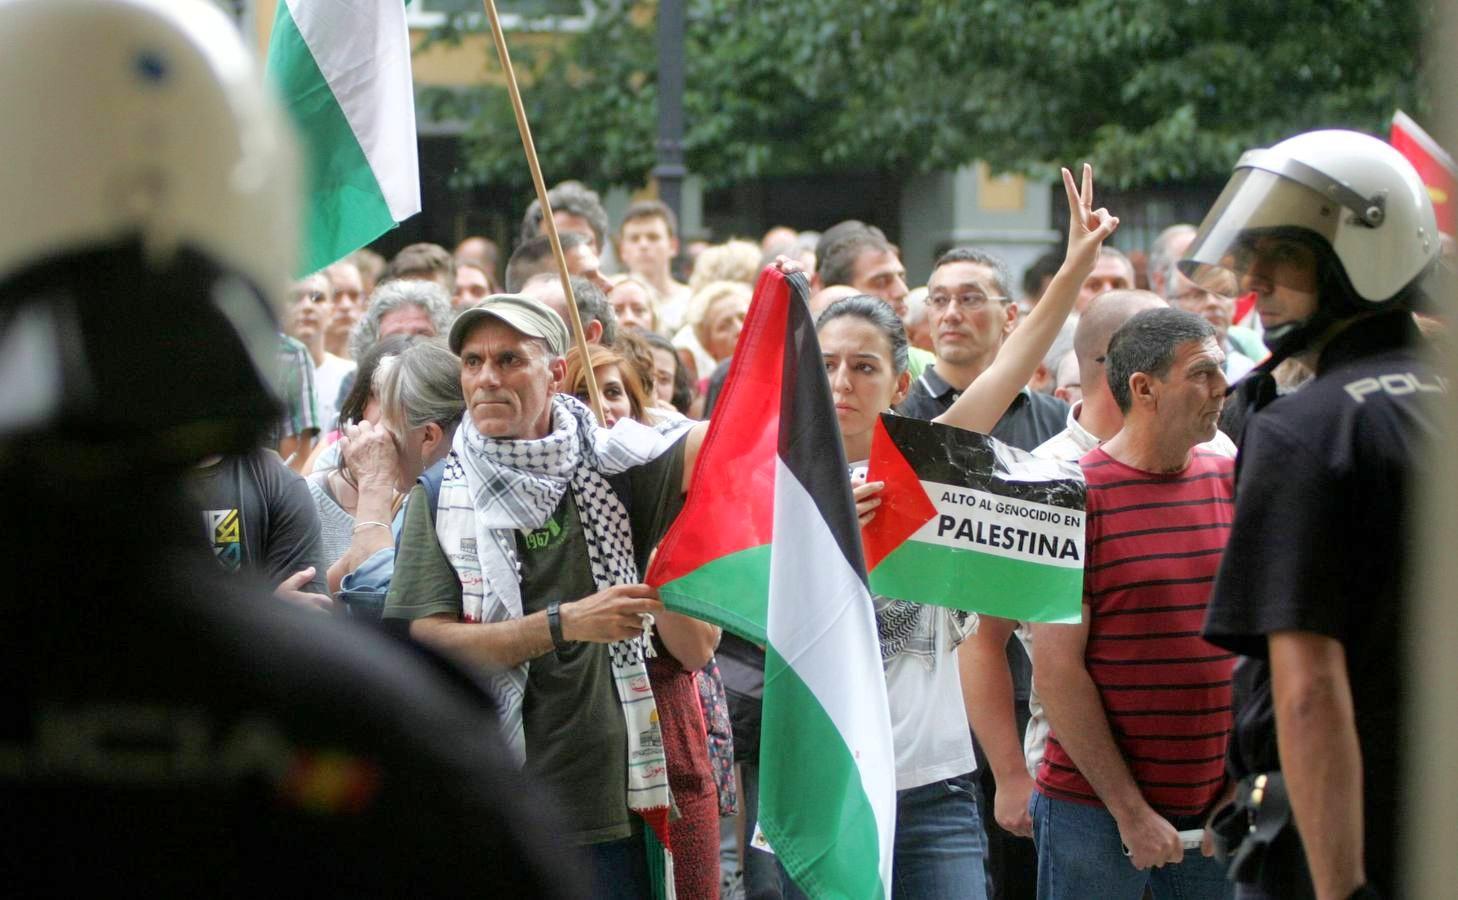 Manifestazione in solidarietà con il popolo palestinese nella città spagnola di Gijon (Foto: Halabedi)